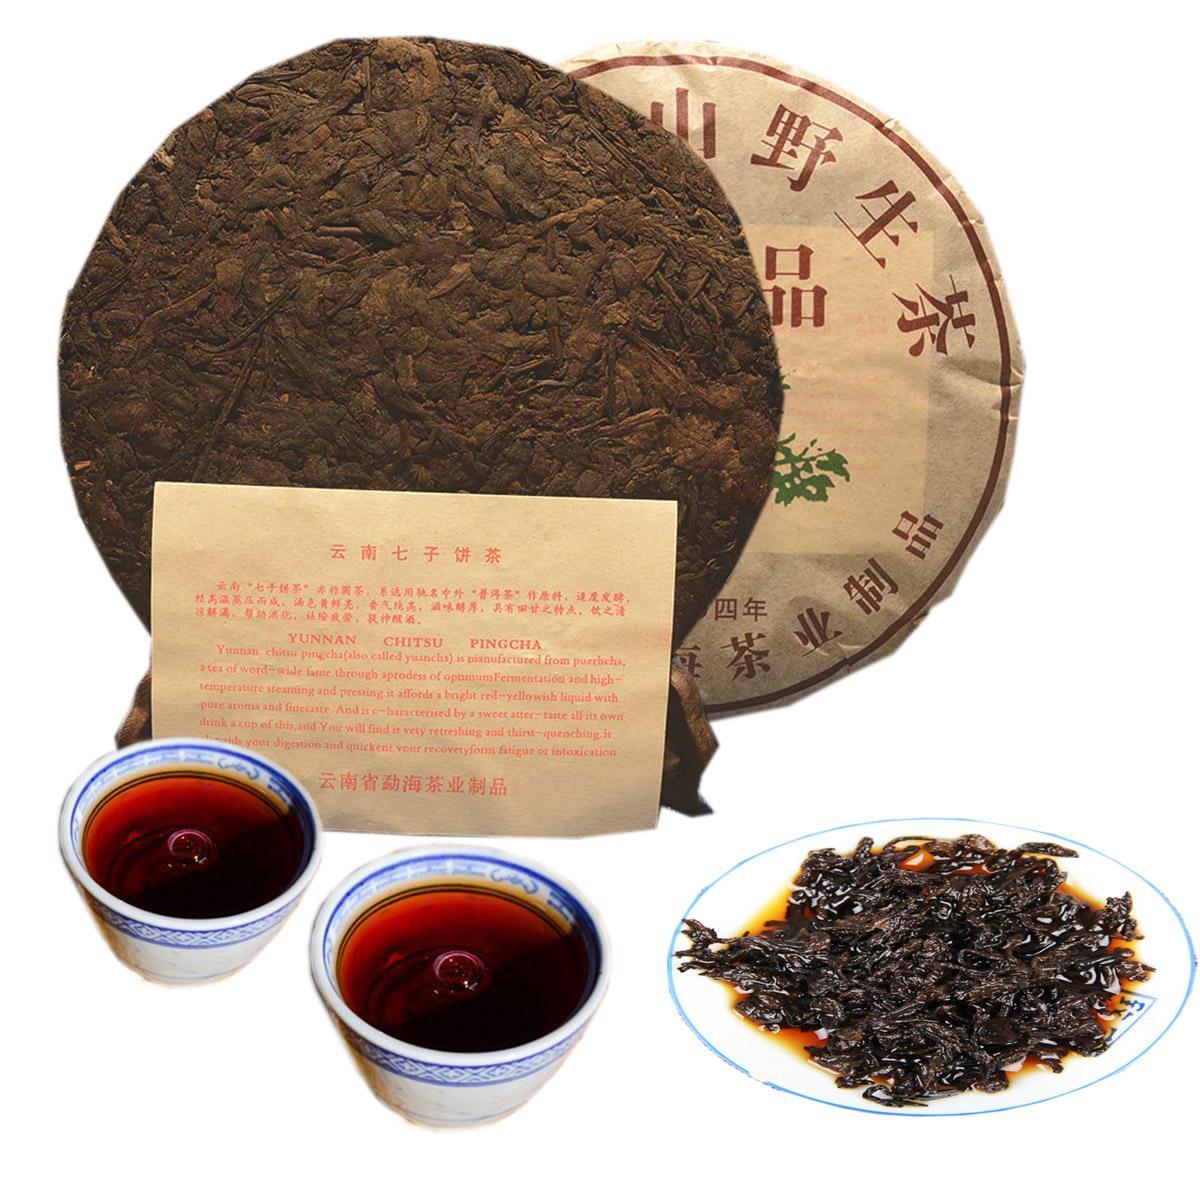 357g yunnan yiwu sauvage puer puer thé biologique puer arbre cuit puer naturel puerh noir puer gâteau gâteau ventes directes